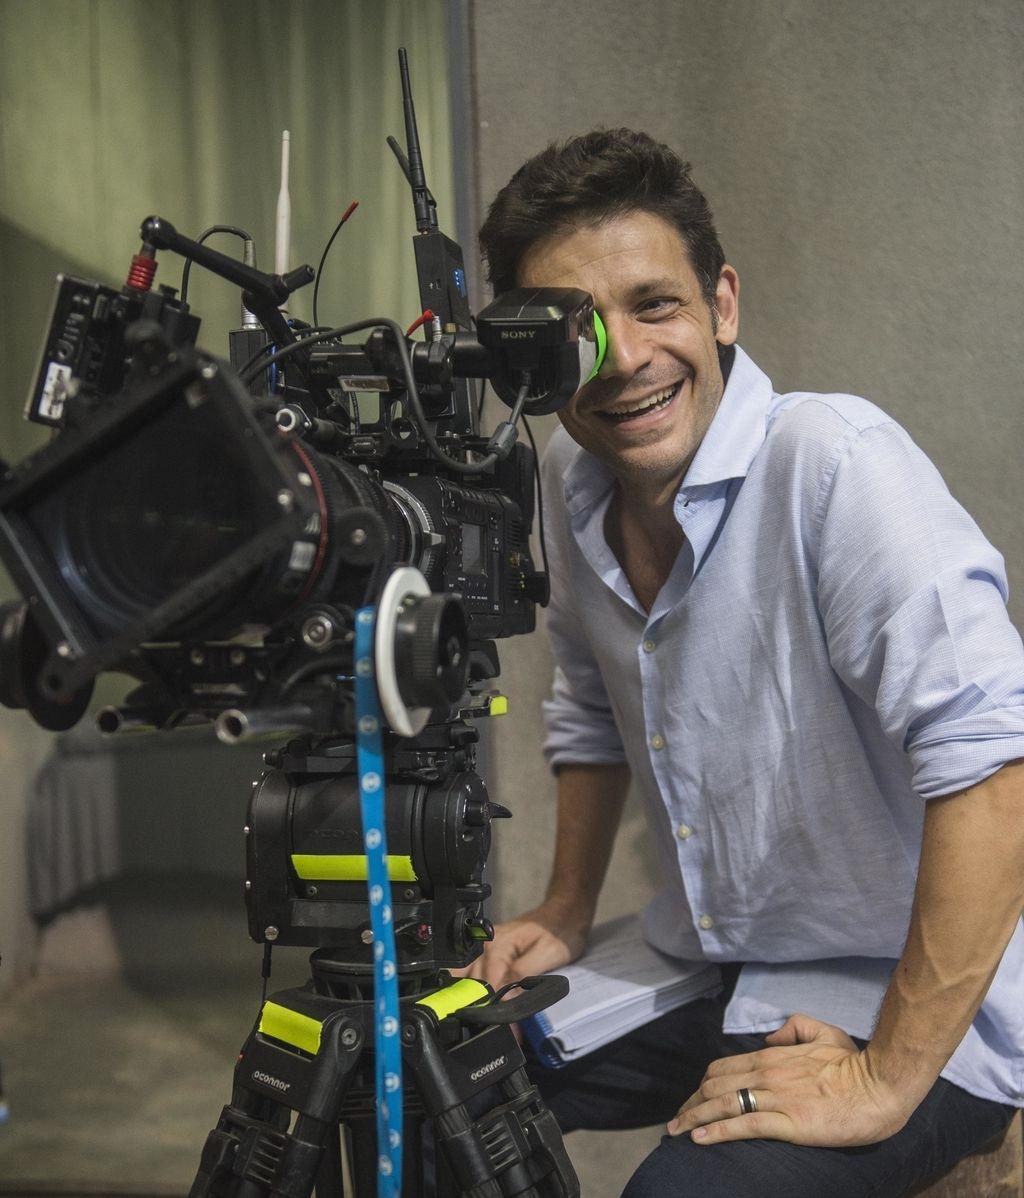 Imágenes de la serie de Mediaset España 'Supermax'